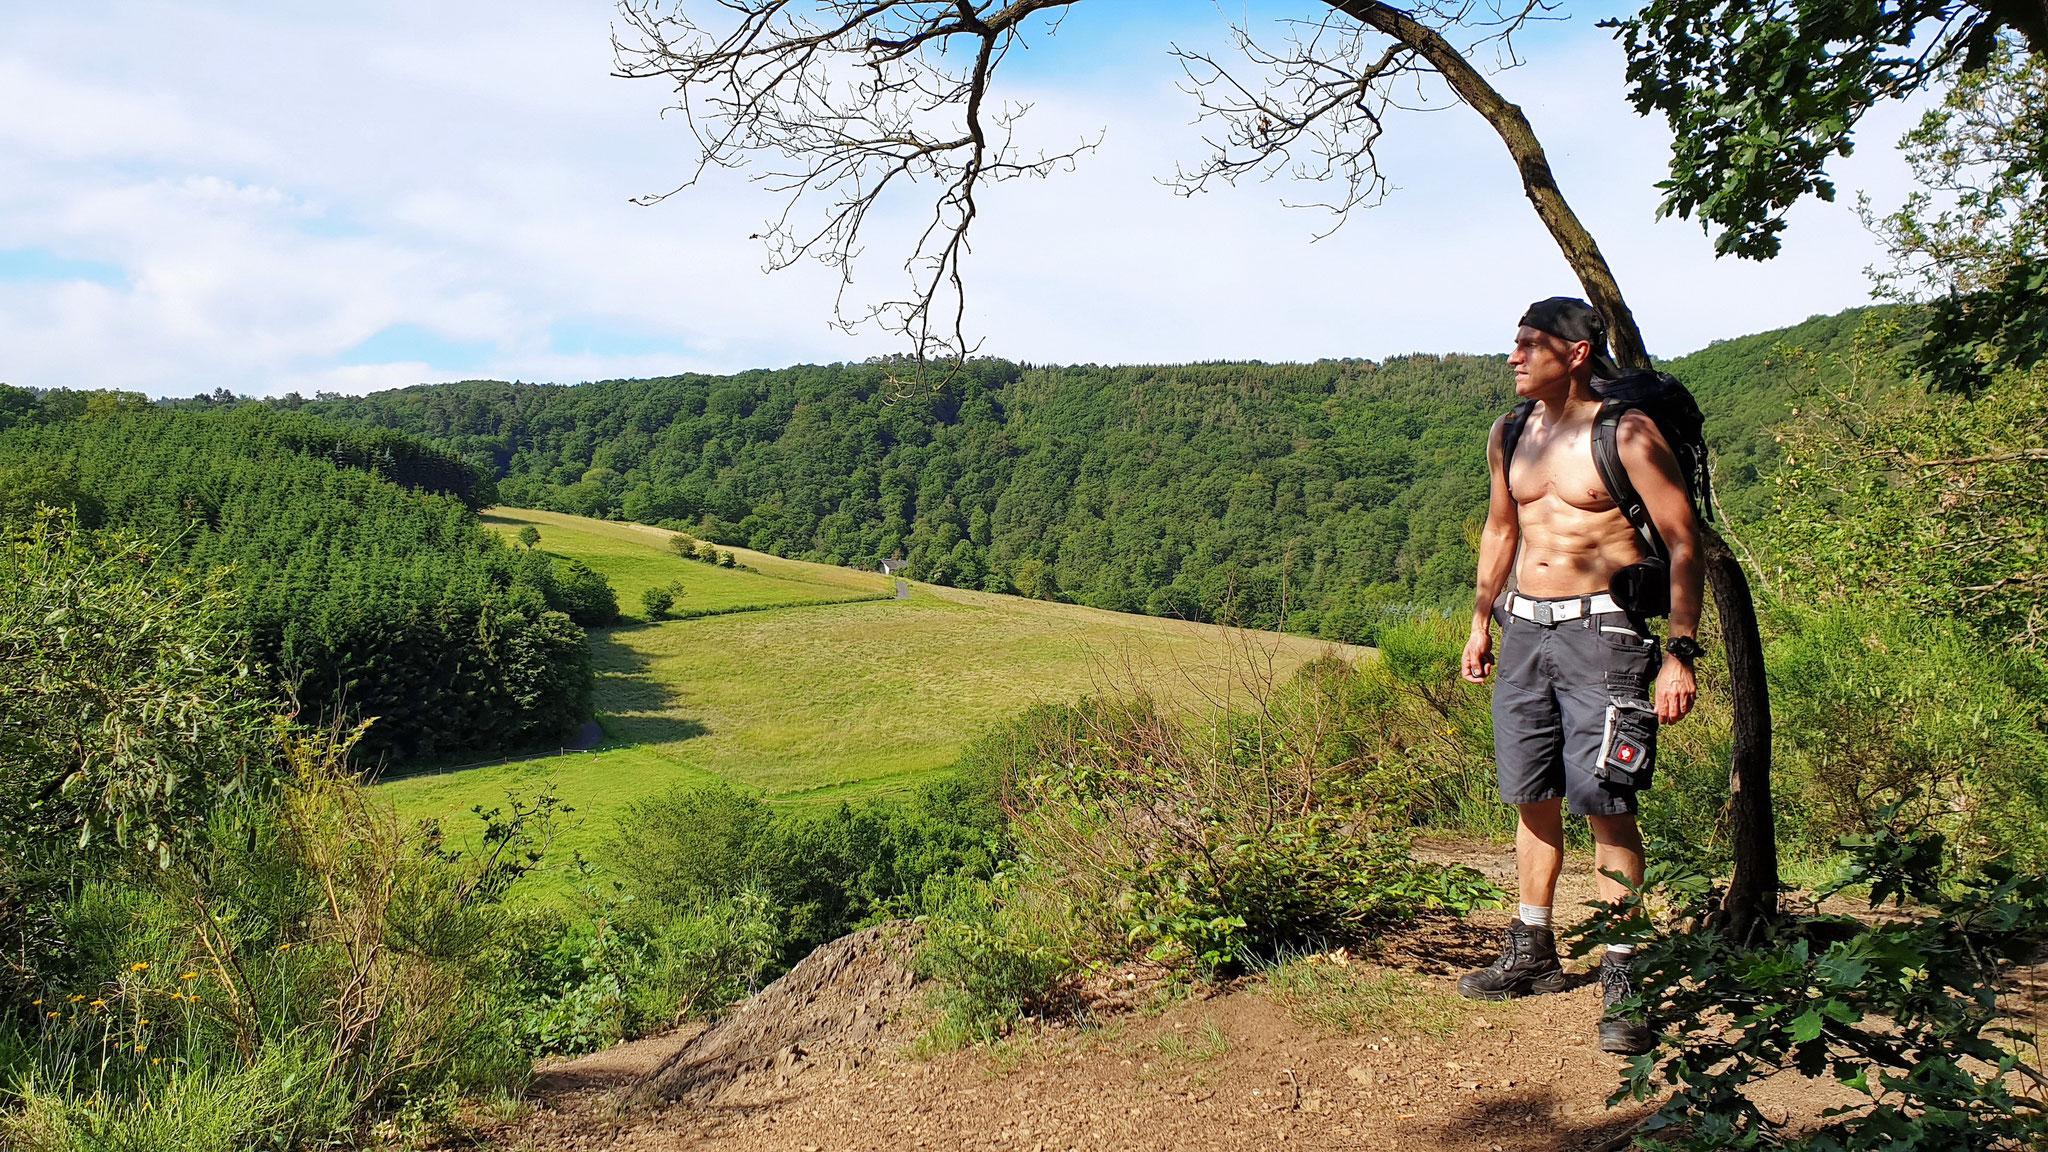 """Heute hatte ich einen tollen Wandertag im Westerwald, wobei ich auch am """"Weltende"""" war. Werde sicher mal wiederkommen!  Viele liebe Grüße Udo. 14.06.2019 18:52 Uhr"""